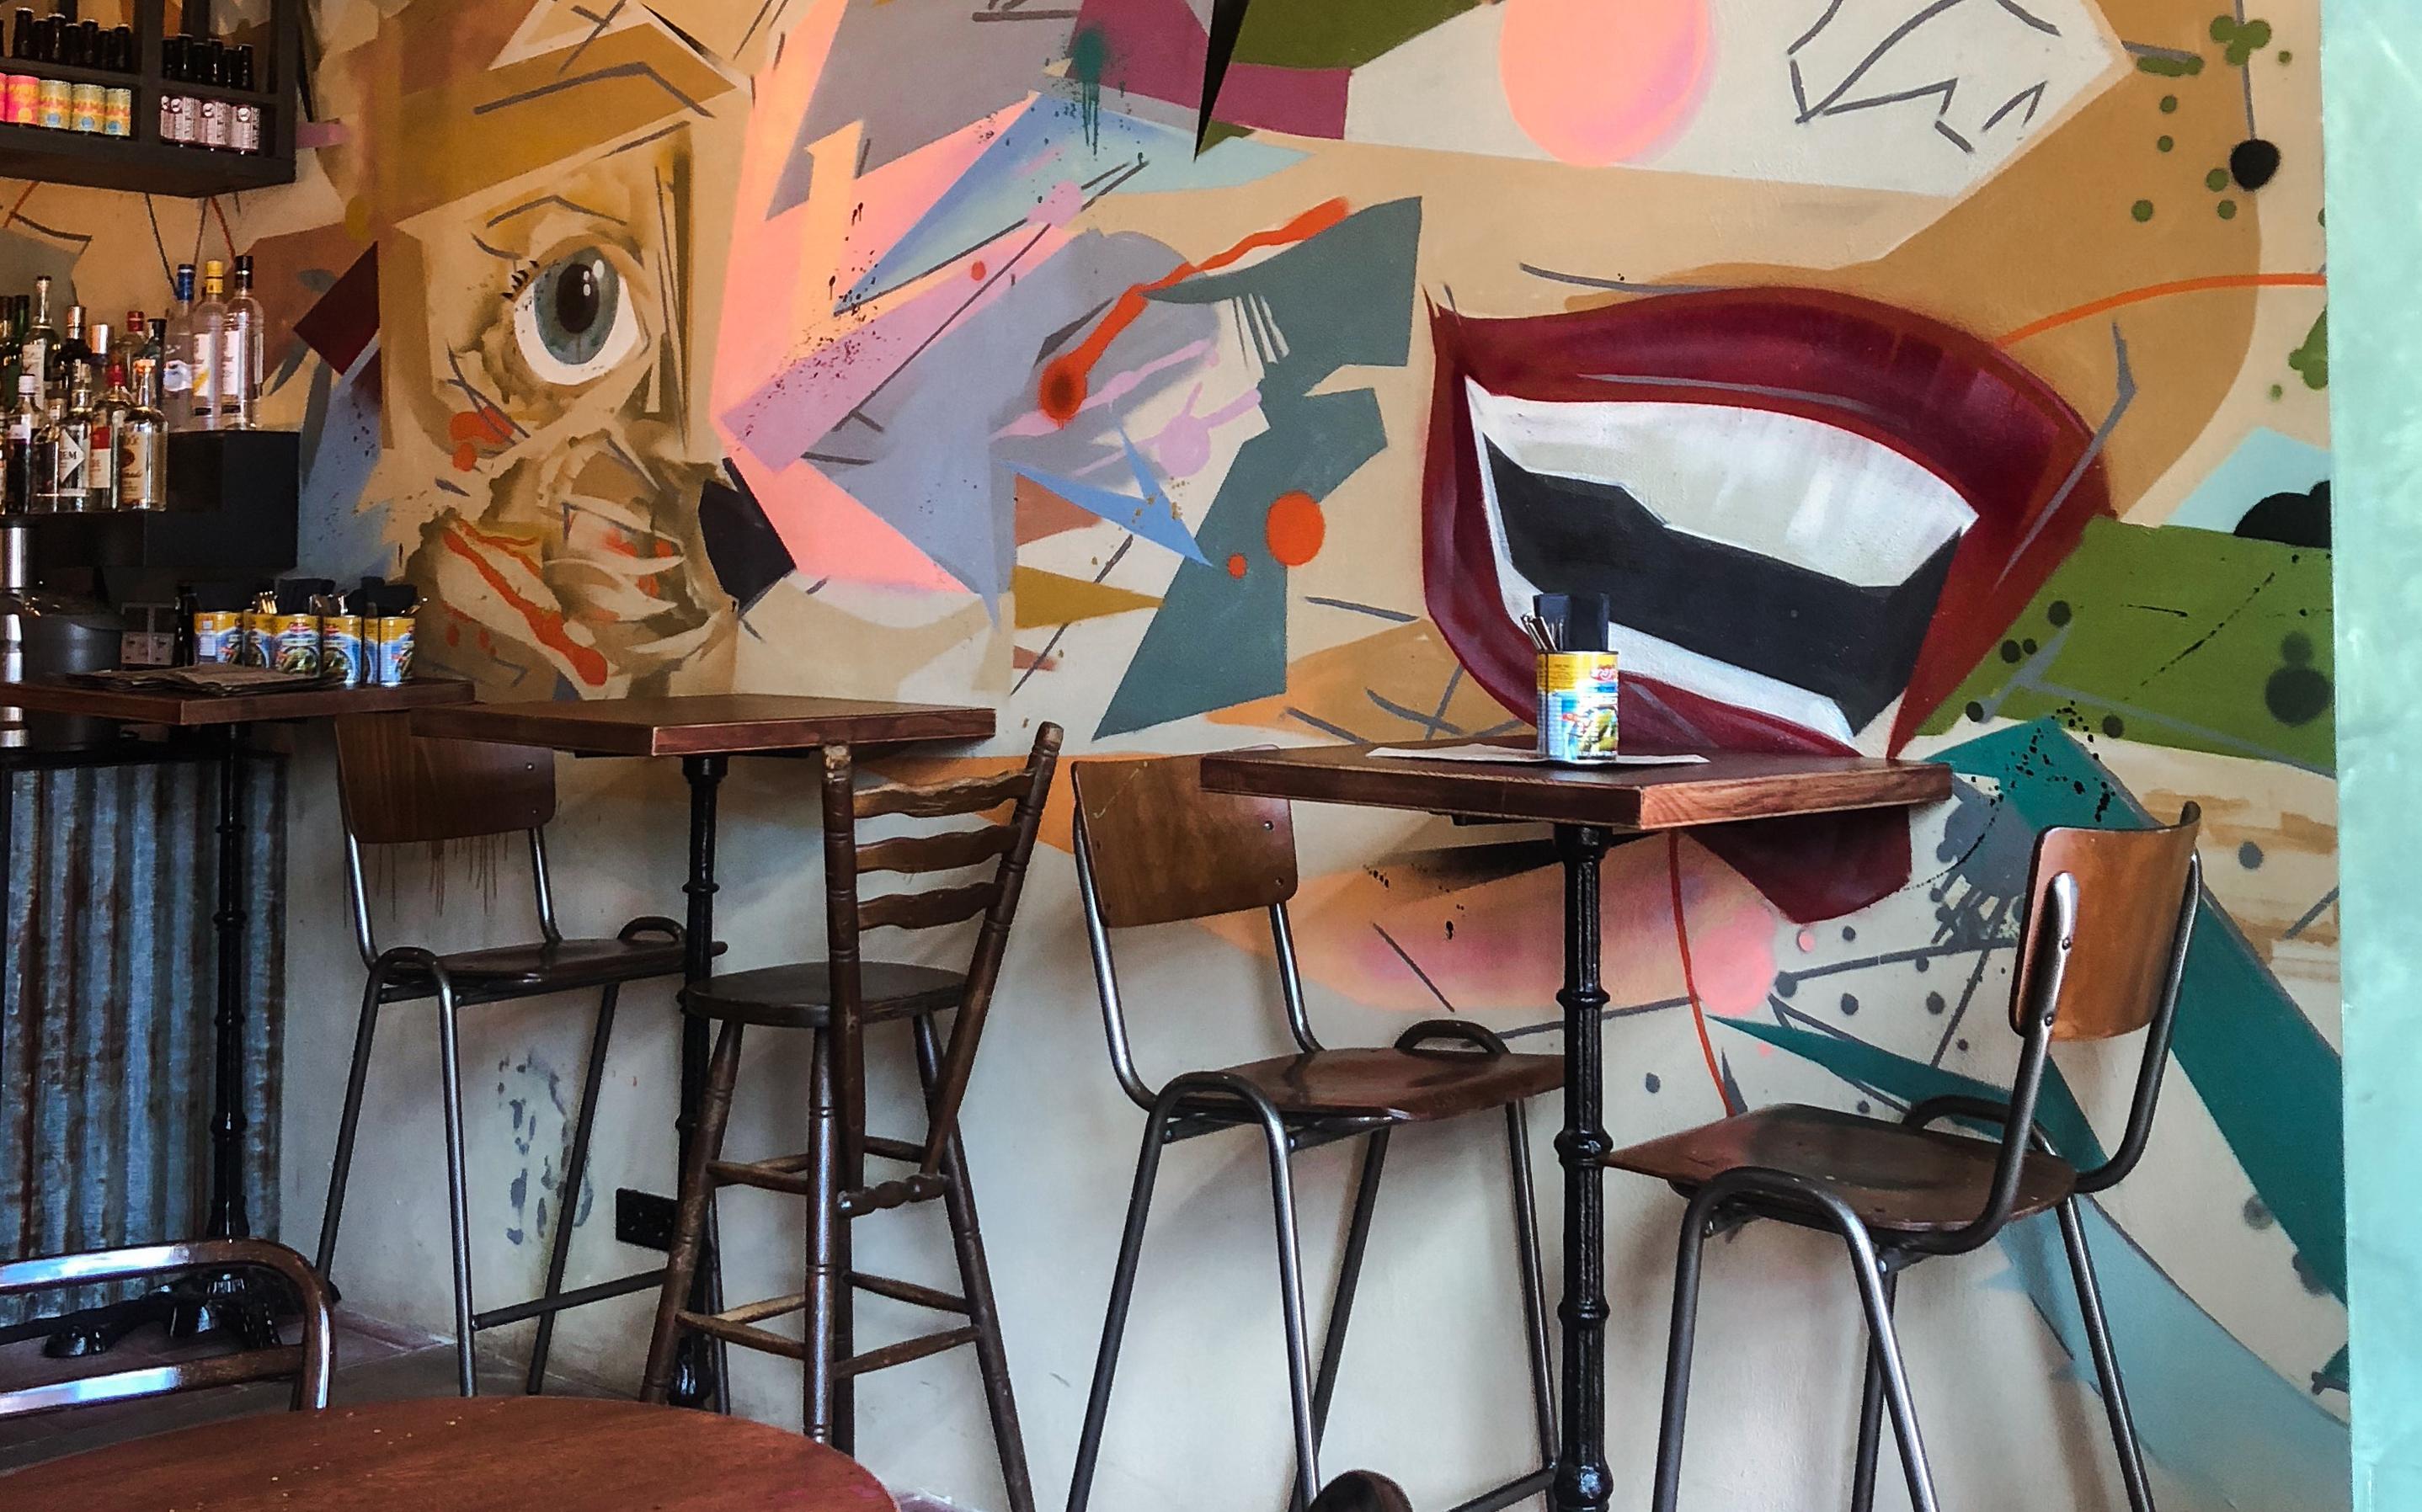 Israëlisch restaurant BARDAK in De Pijp in Amsterdam